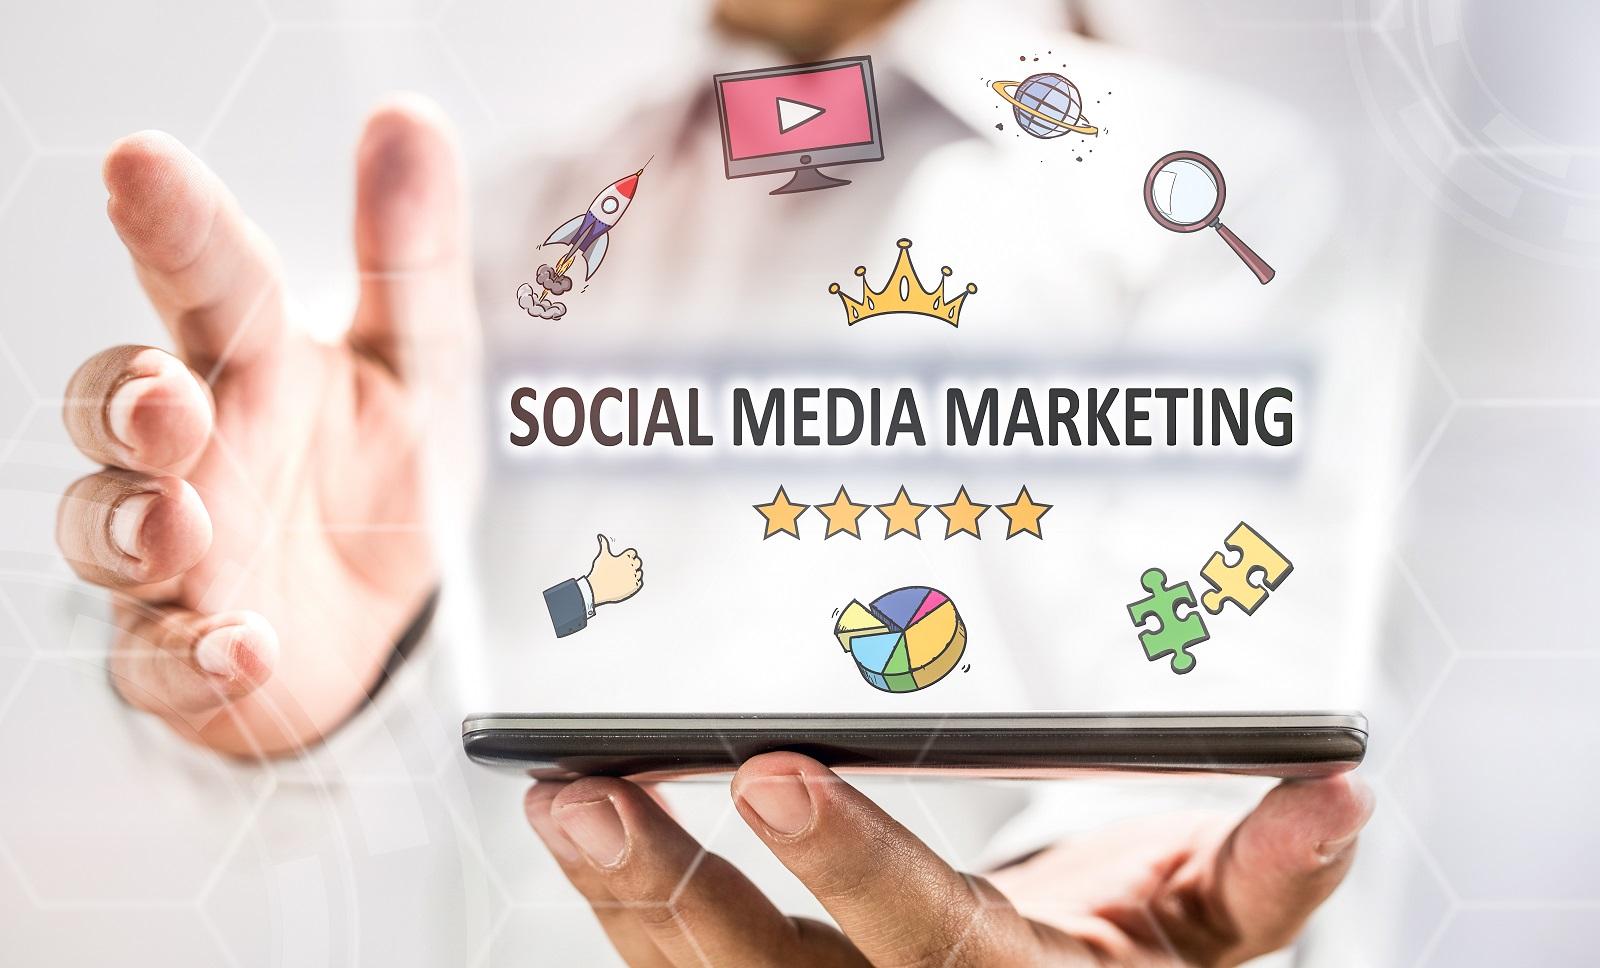 ¿Cómo dividir tu presupuesto de anuncios sociales?